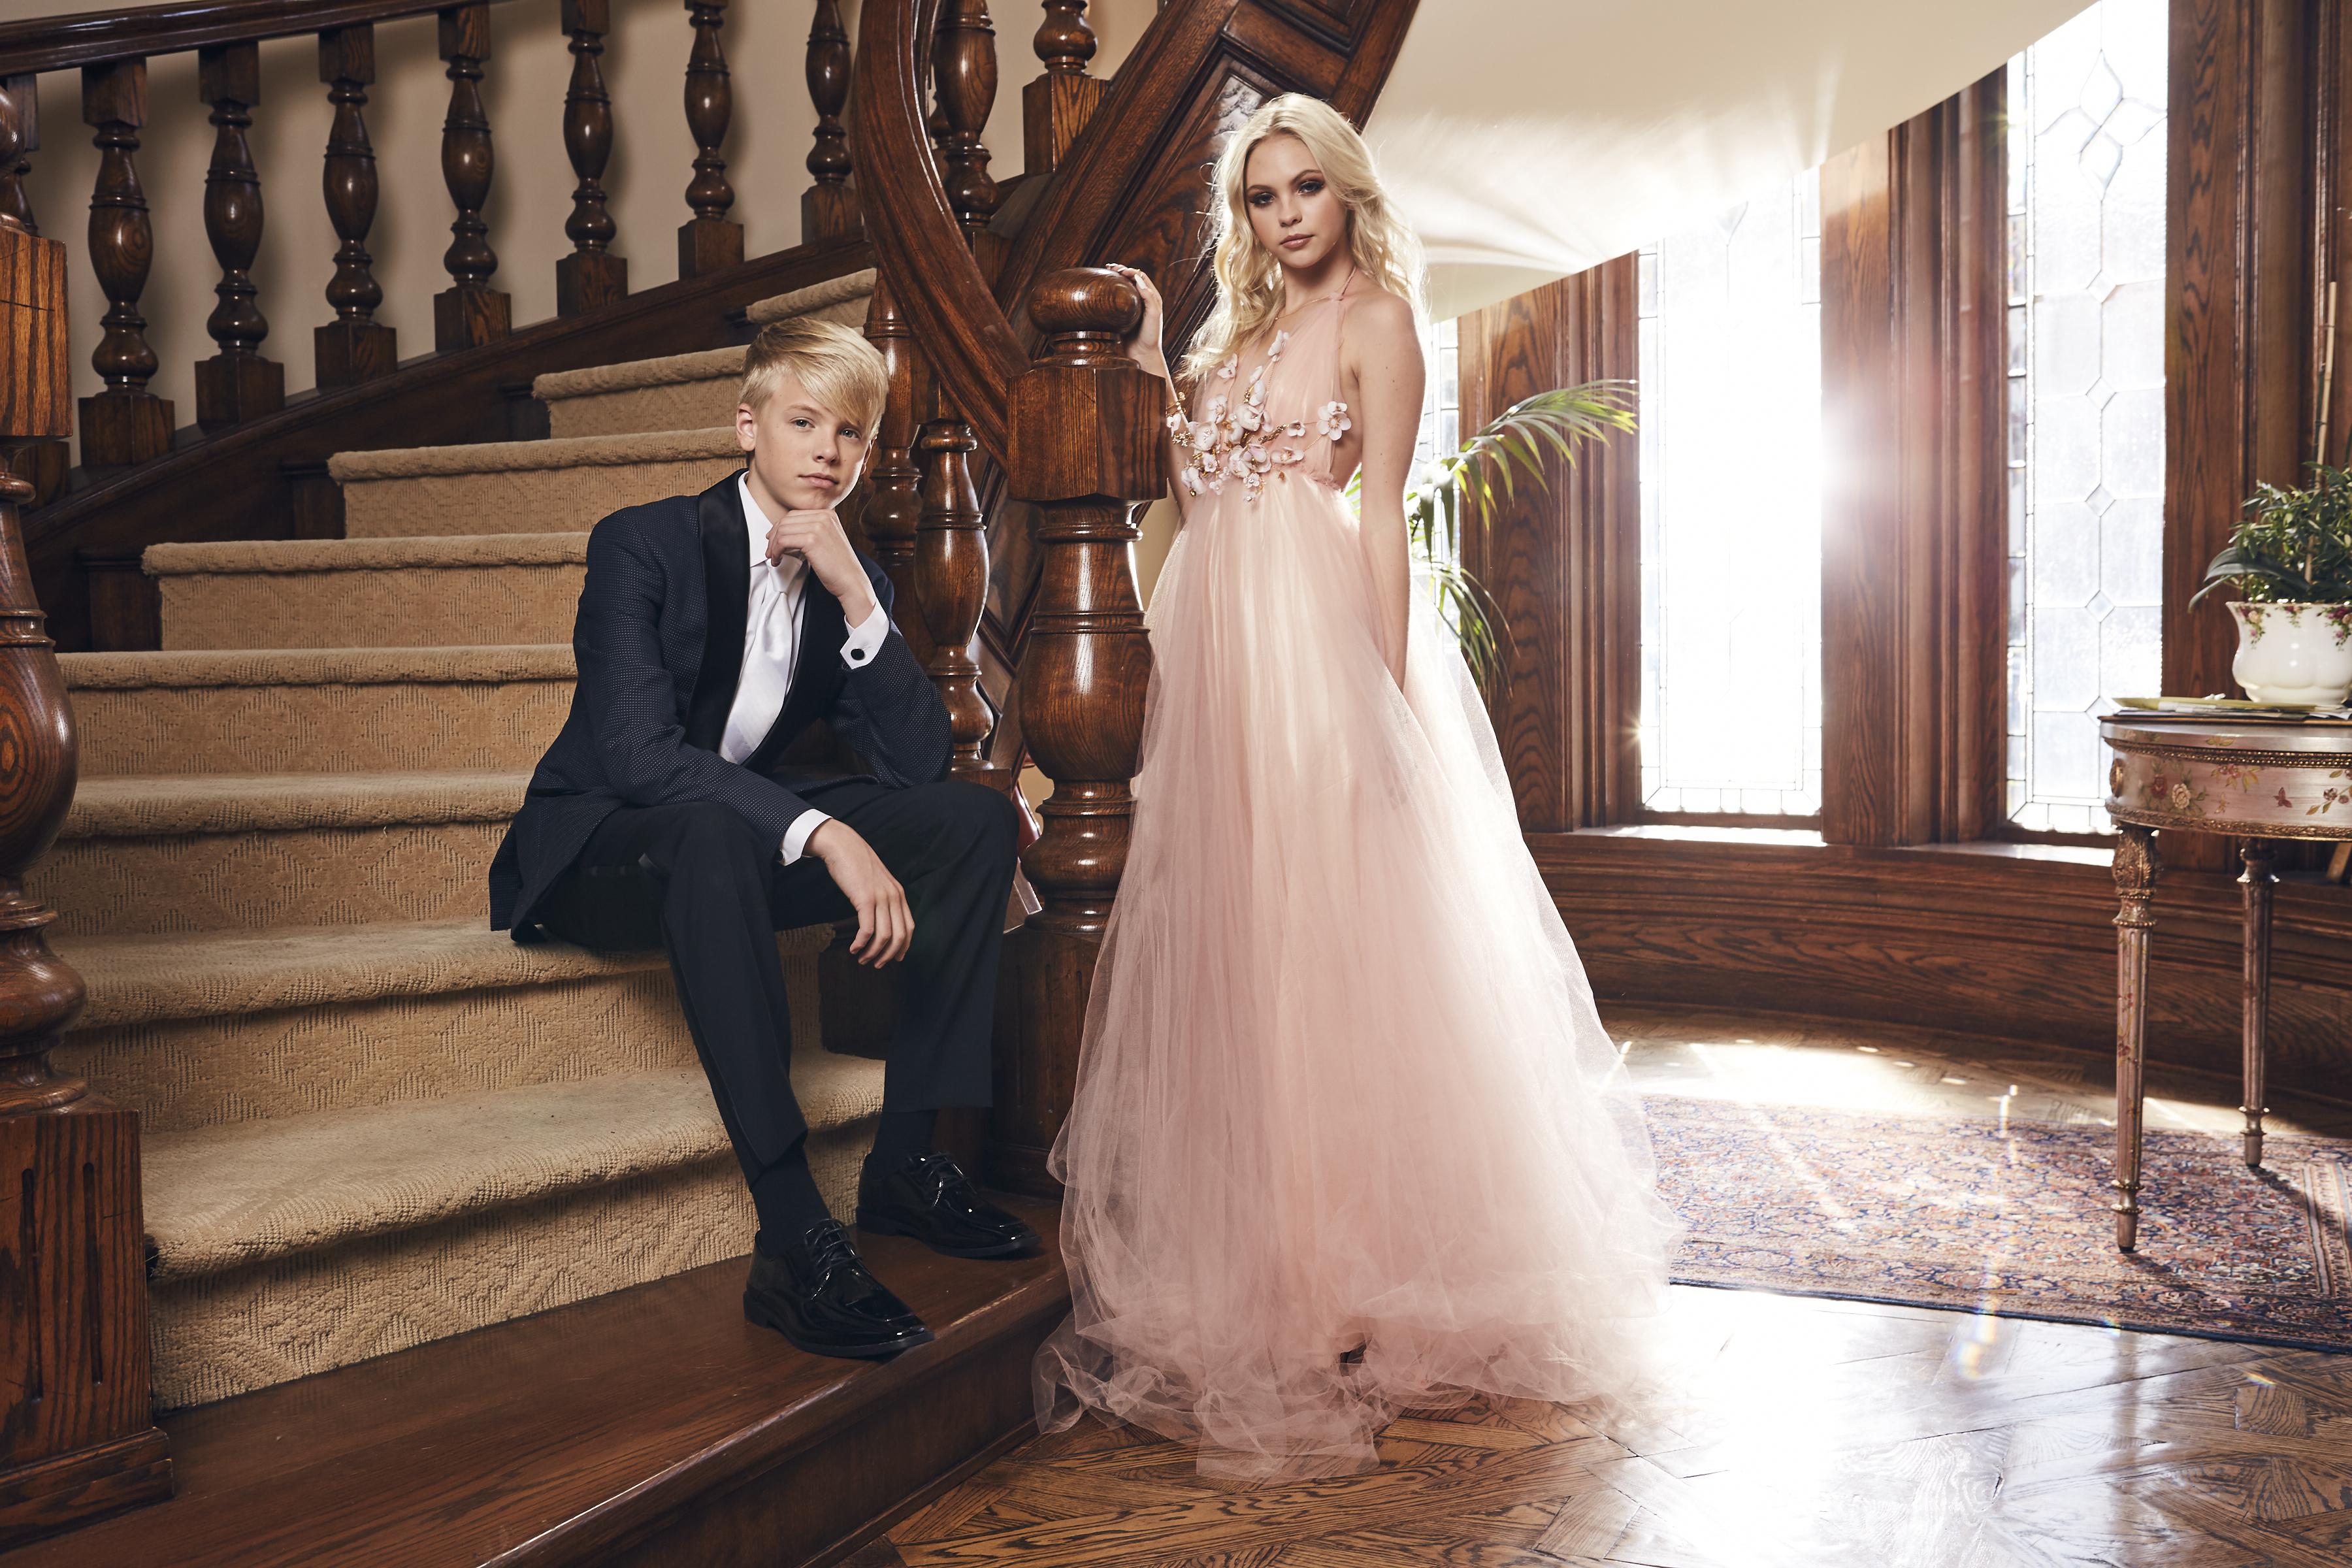 YSBnow Prom - Carson & Jordyn